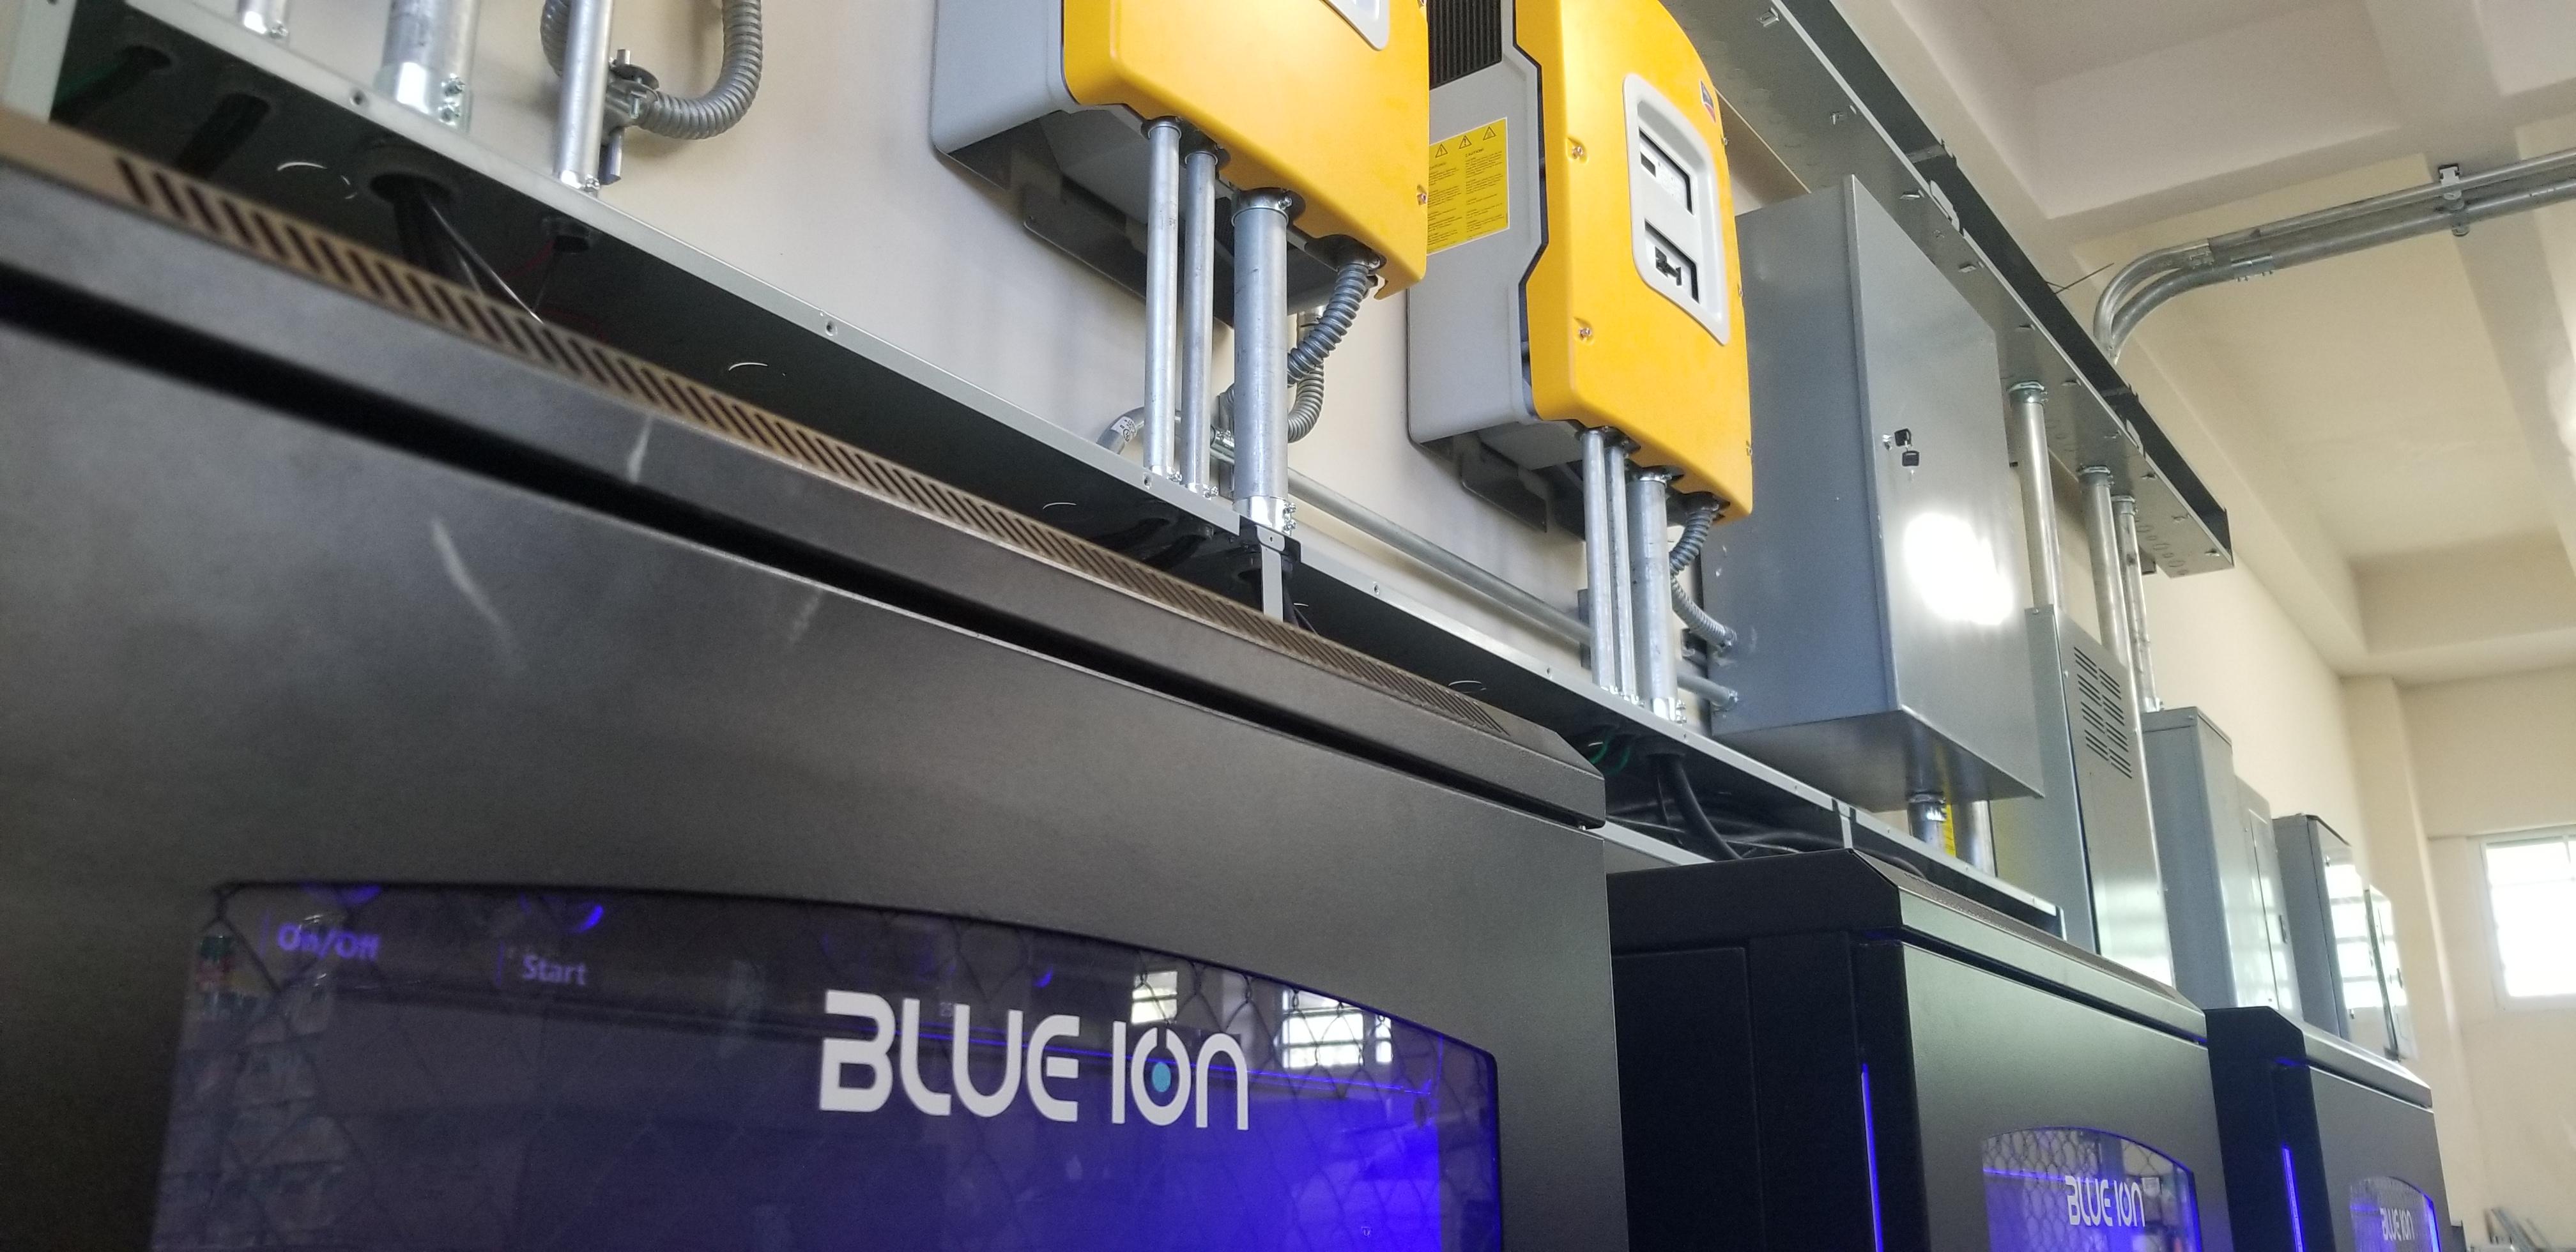 Cuarto Eléctrico - Blue Ion